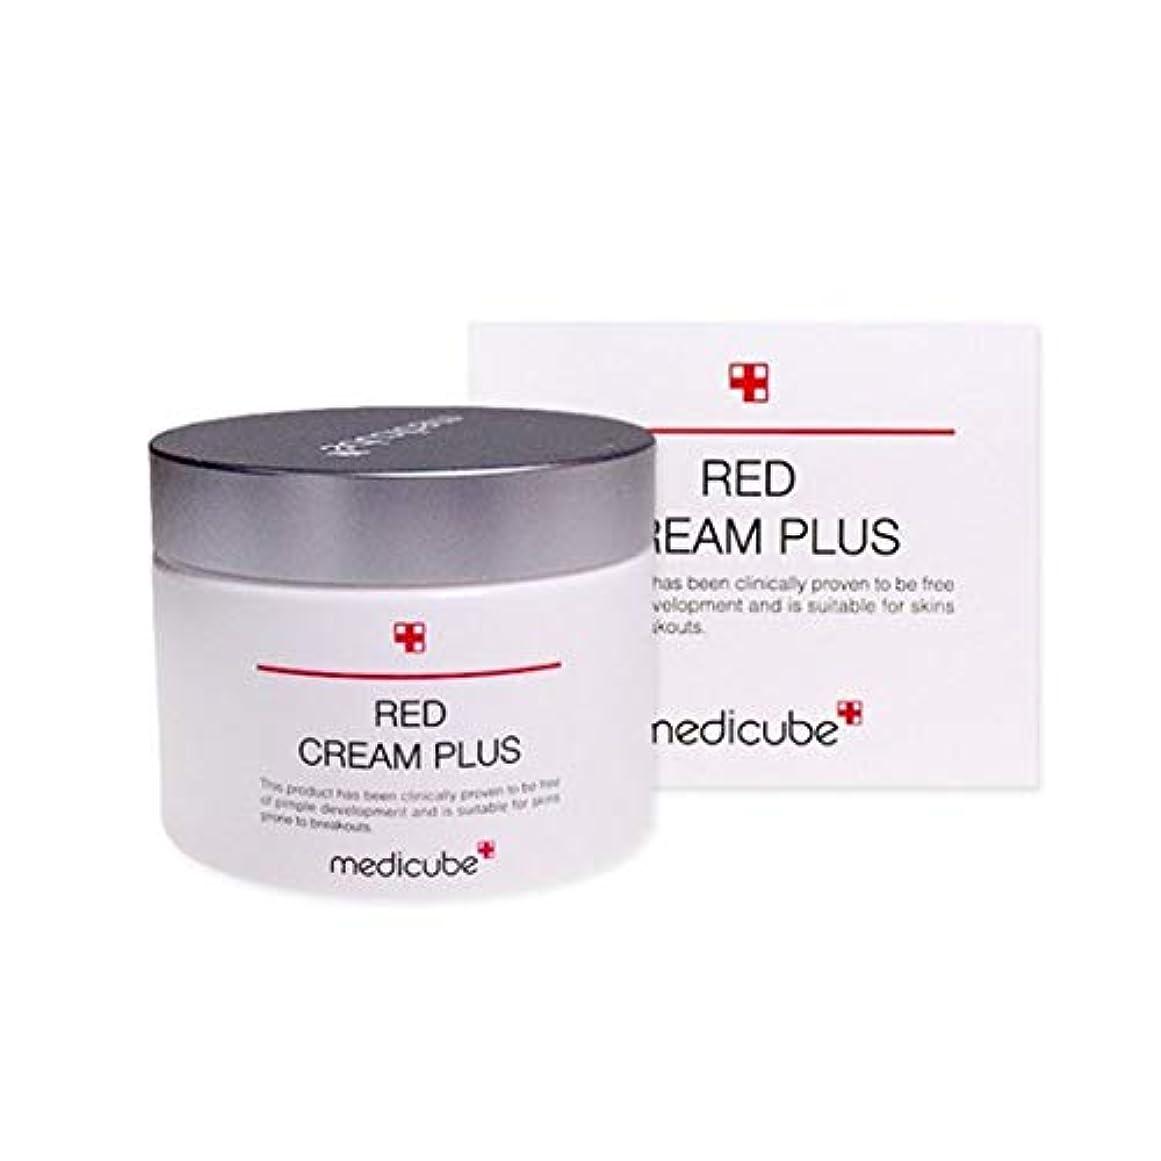 欠点資格情報焦がすメディキューブレッドクリームプラス100ml韓国コスメ、Medicube Red Cream Plus 100ml Korean Cosmetics [並行輸入品]